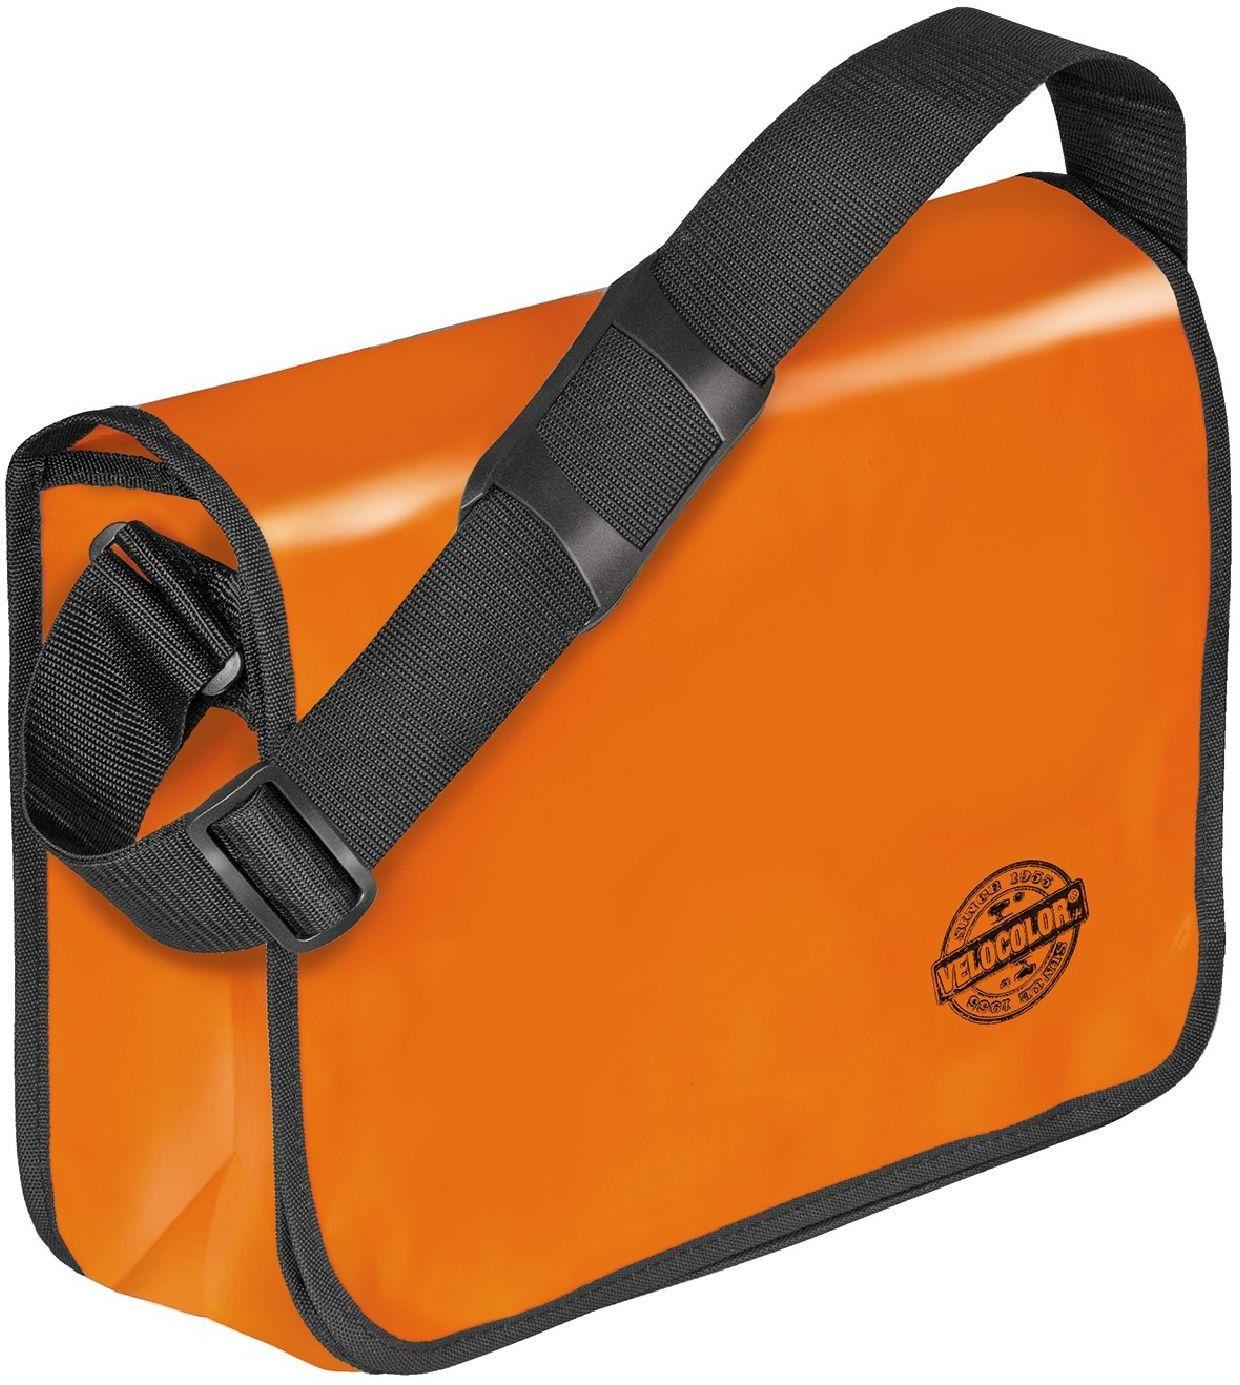 Veloflex Shoulder Bag Velocolor torba na ramię, różne kolory do wyboru, pomarańczowy (pomarańczowa) - 10100934